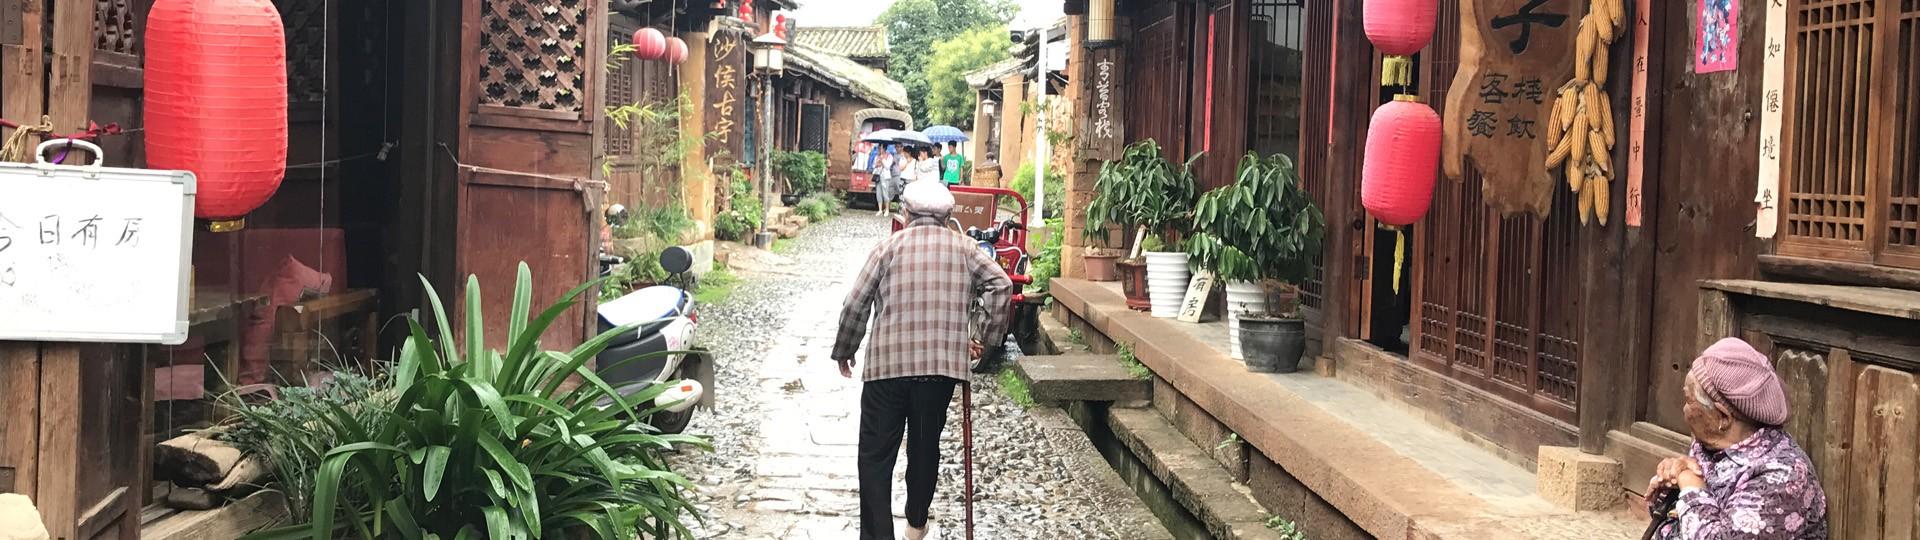 Shaxi'1920x540'1